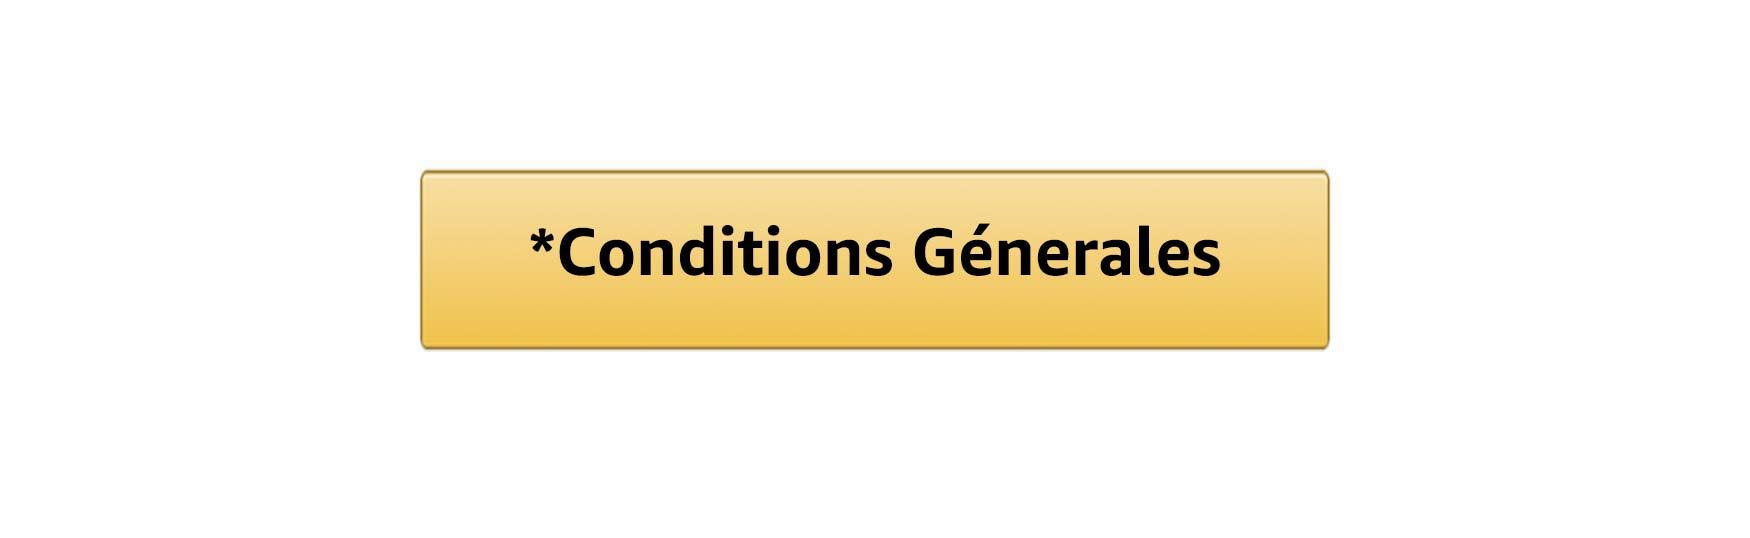 Conditions Génerales